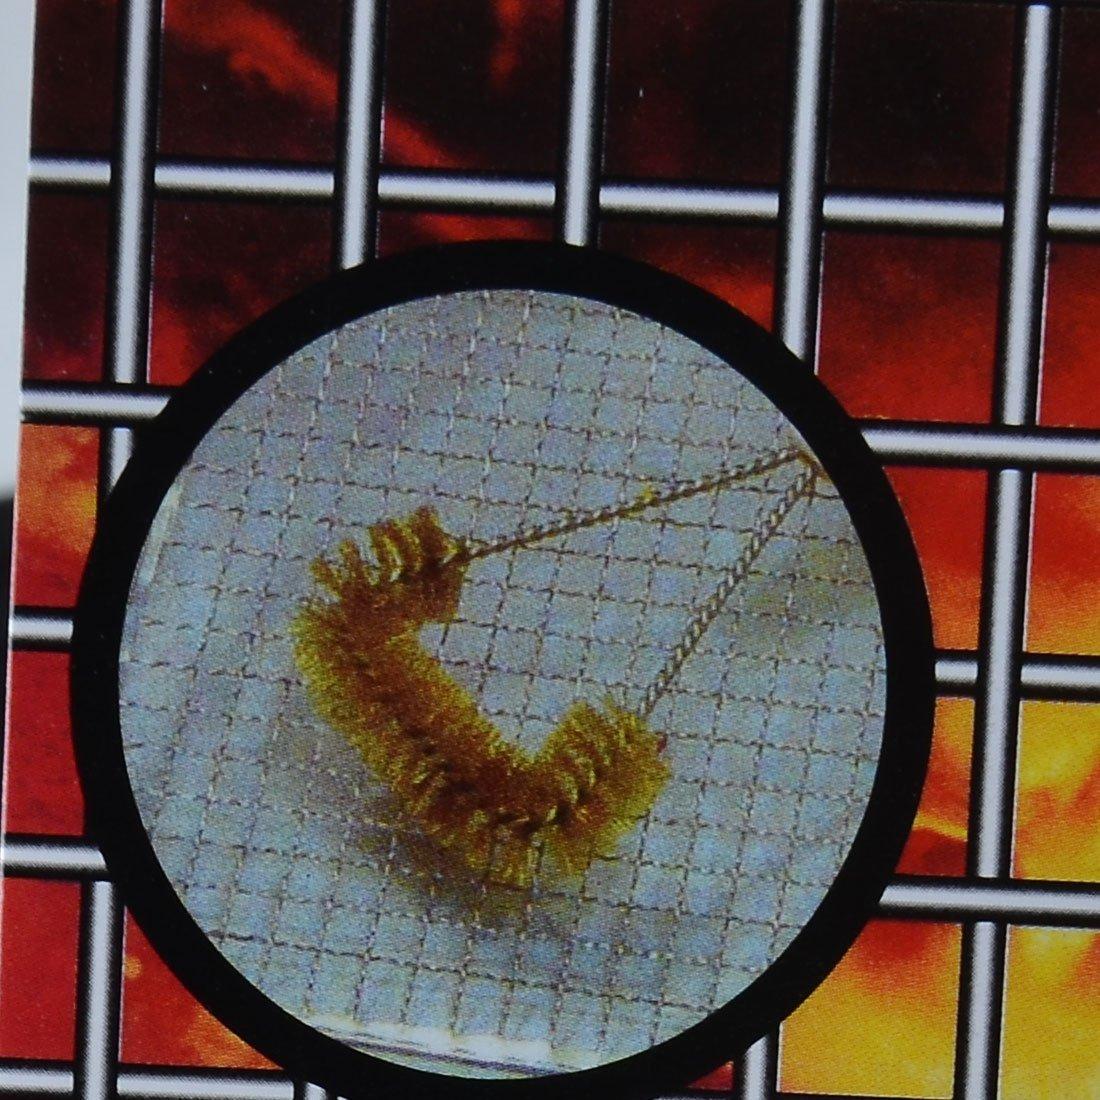 Amazon.com: eDealMax mango de plástico alambre de metal de la parrilla la cuadrícula raspado cepillo de limpieza: Kitchen & Dining